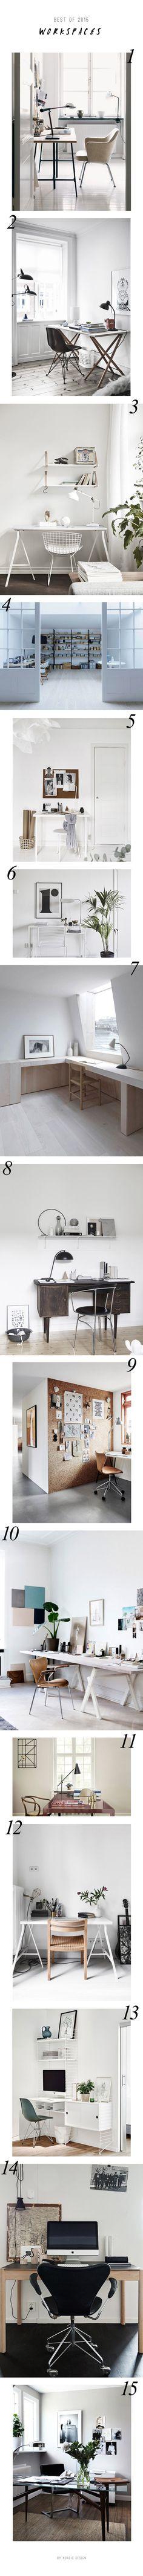 15 inspiring Scandinavian workspaces